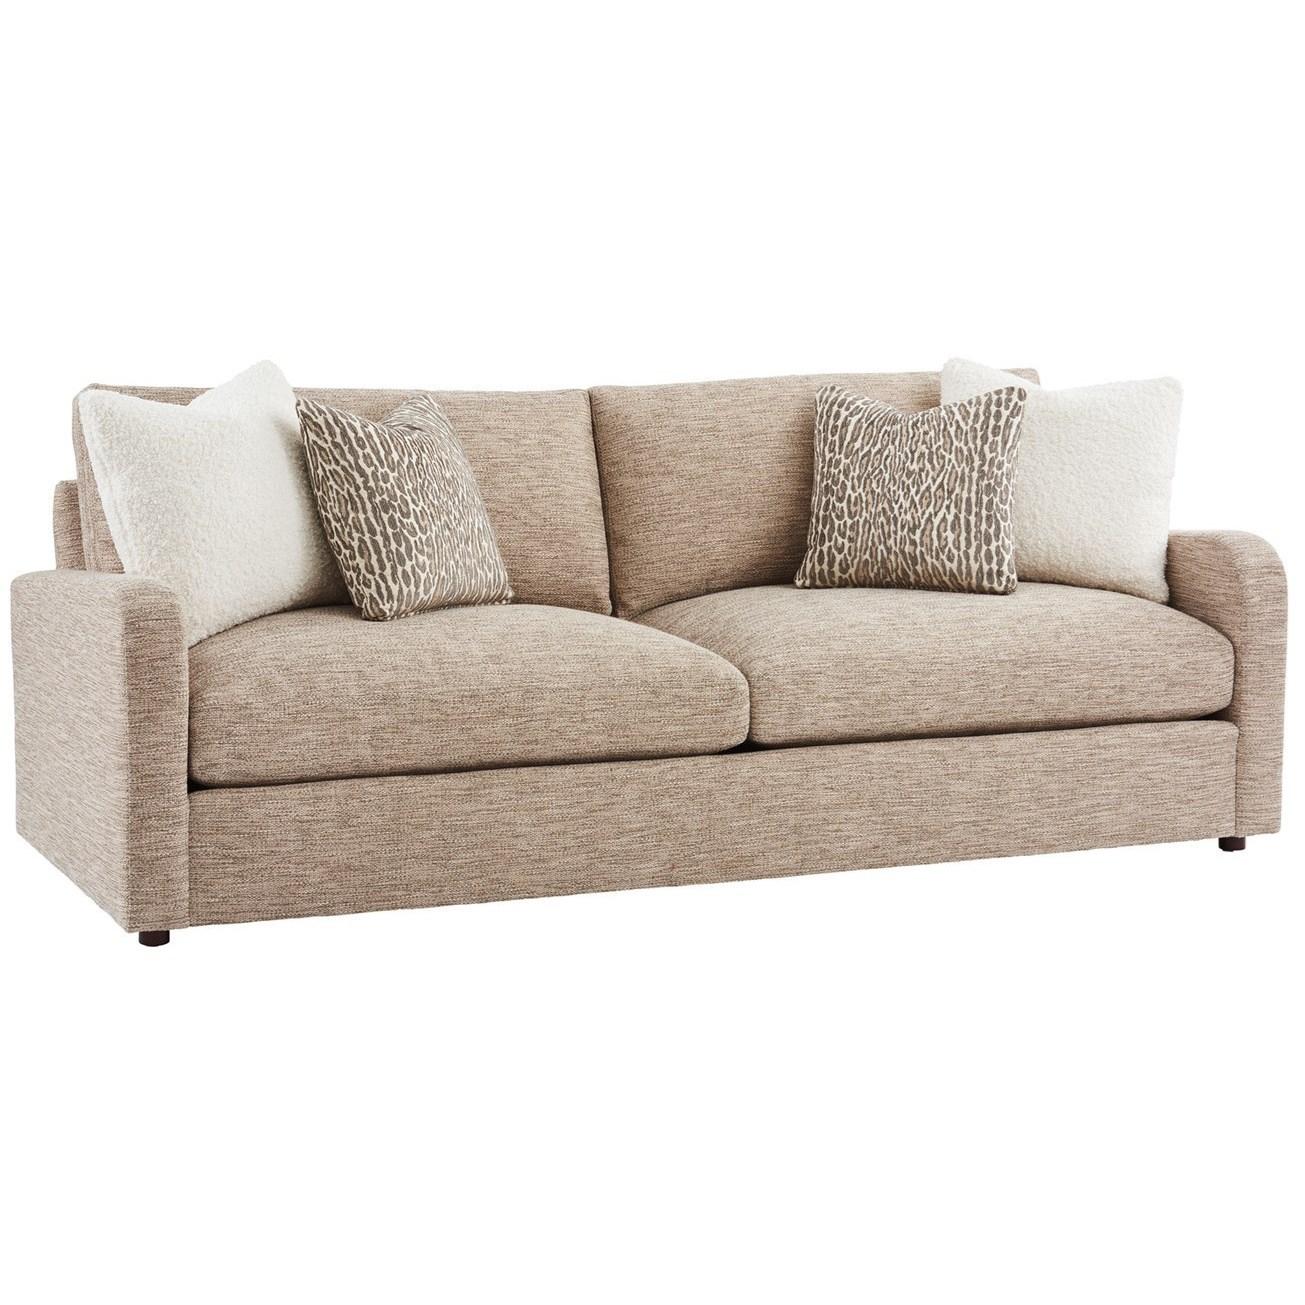 Barclay Butera Upholstery Grant Sofa by Barclay Butera at Baer's Furniture